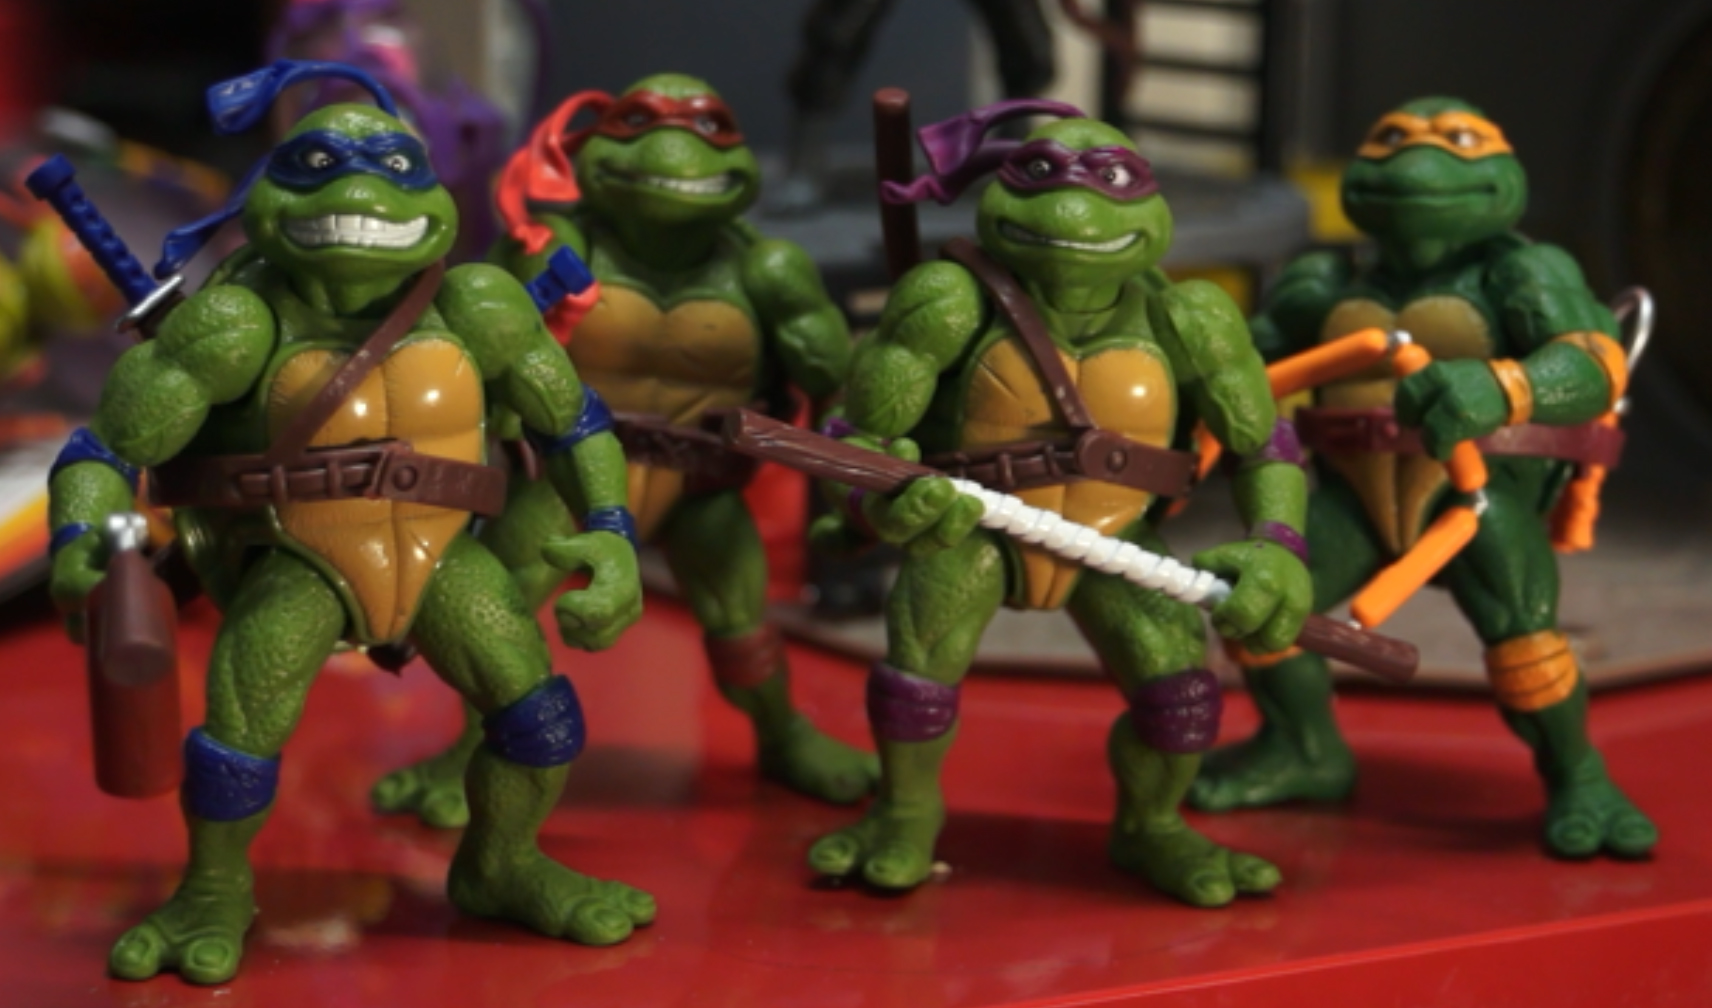 Teenage Mutant Ninja Turtles Movie Stars Action Figure